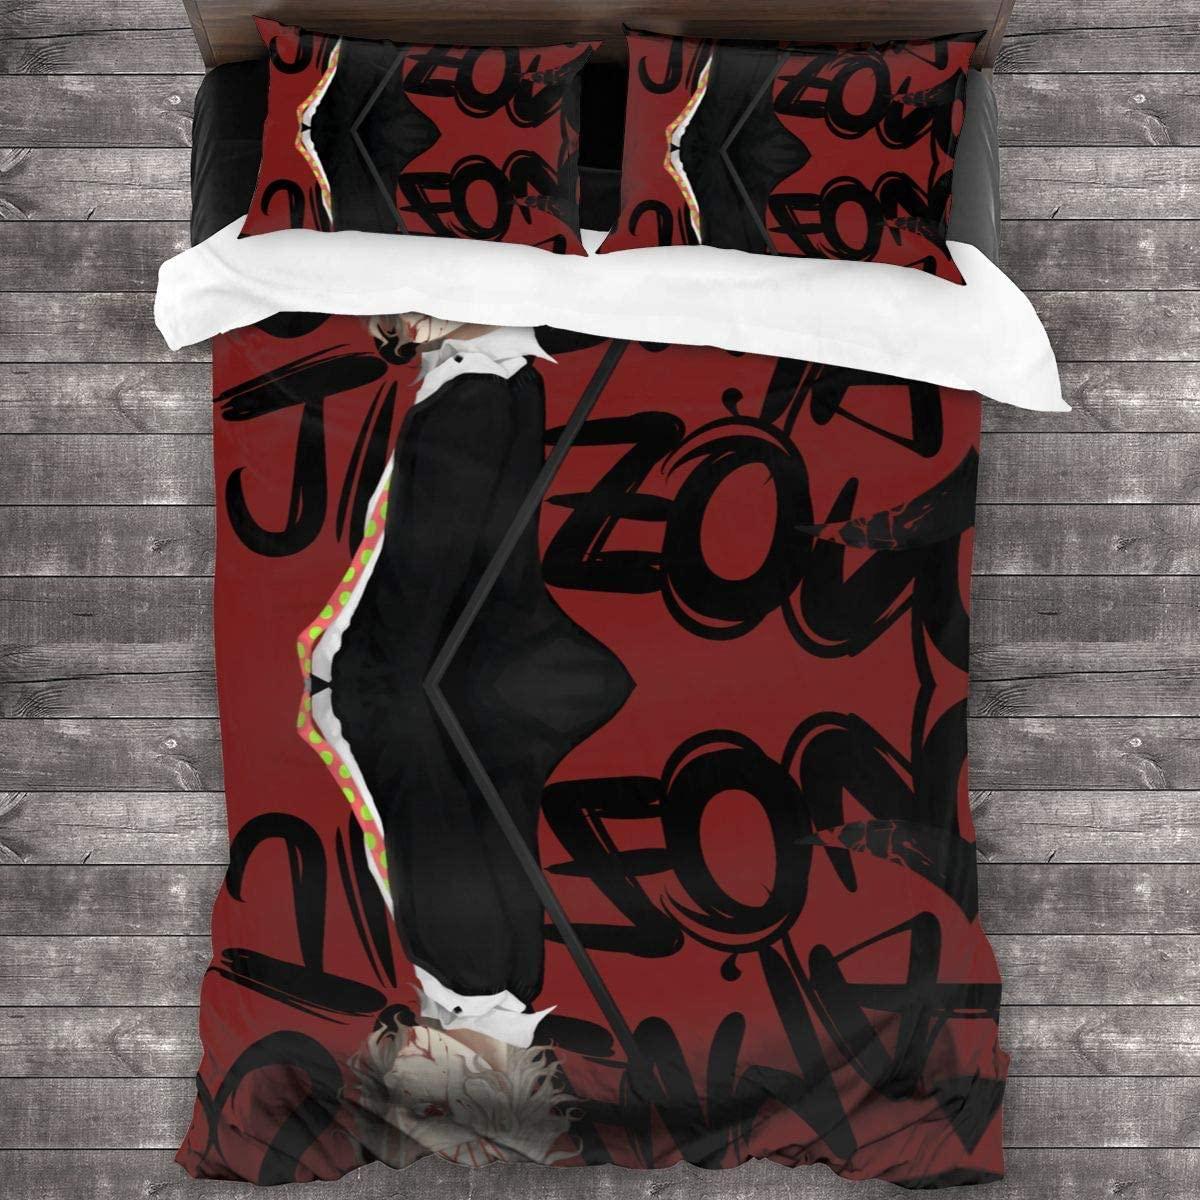 طوكيو الغول جوزو سوزويا 3 قطعة الفراش الطباعة حاف مجموعة غطاء لينة (لا المعزي) ، التوأم ل في سن المراهقة طفل الكبار هدية طقم سرير